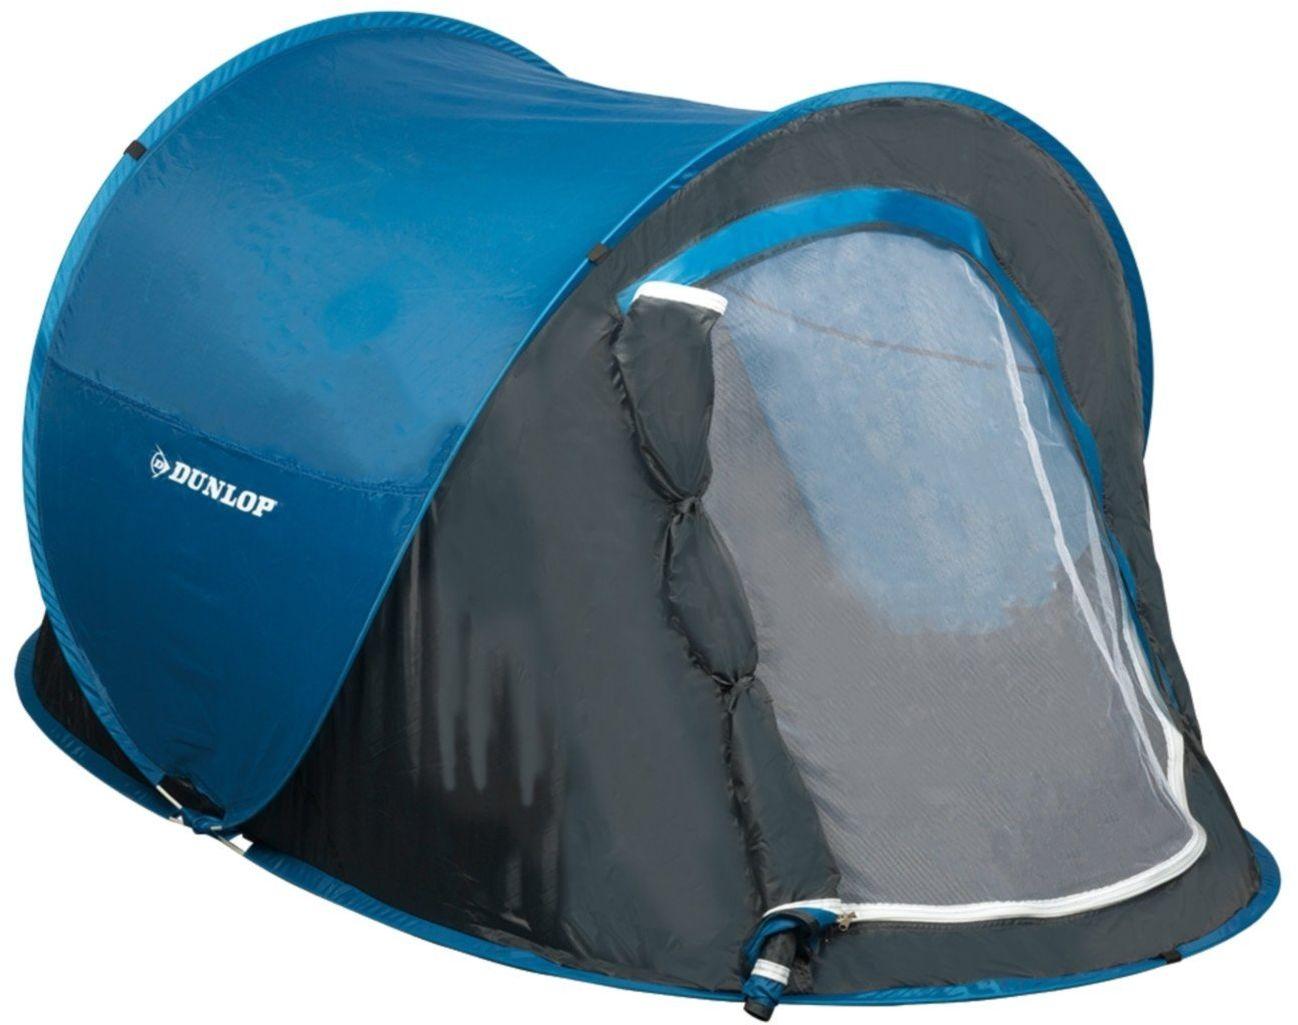 Namiot turystyczny samorozkładający się Dunlop 1osobowy